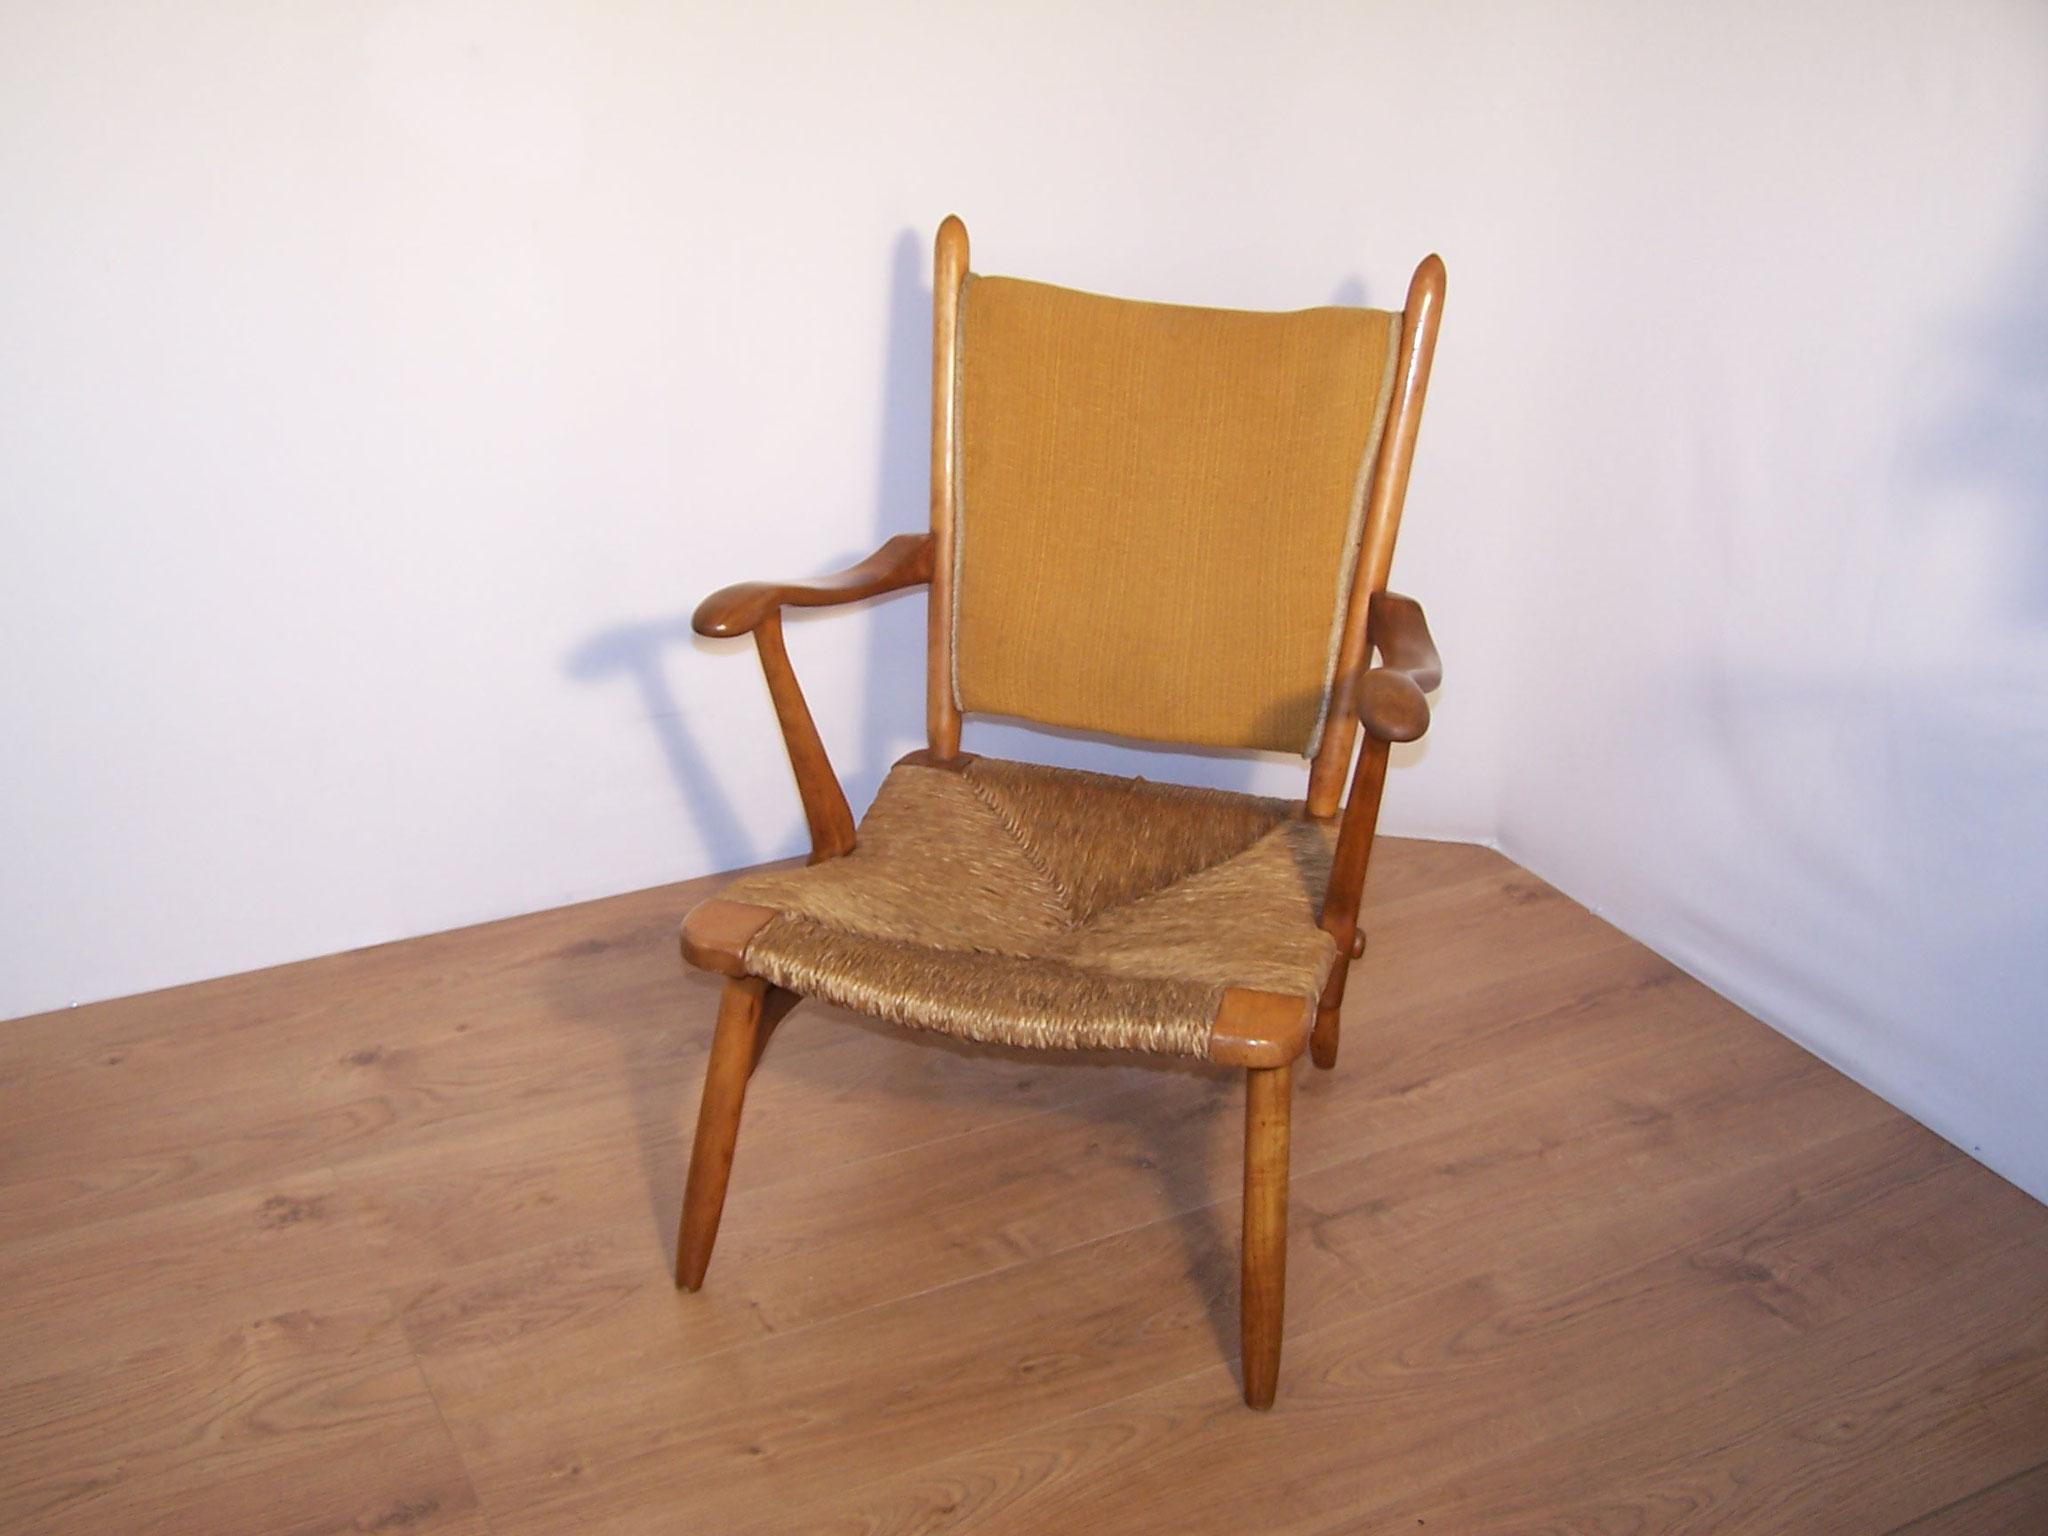 fauteuil scandinave majdeltier boutique en ligne. Black Bedroom Furniture Sets. Home Design Ideas